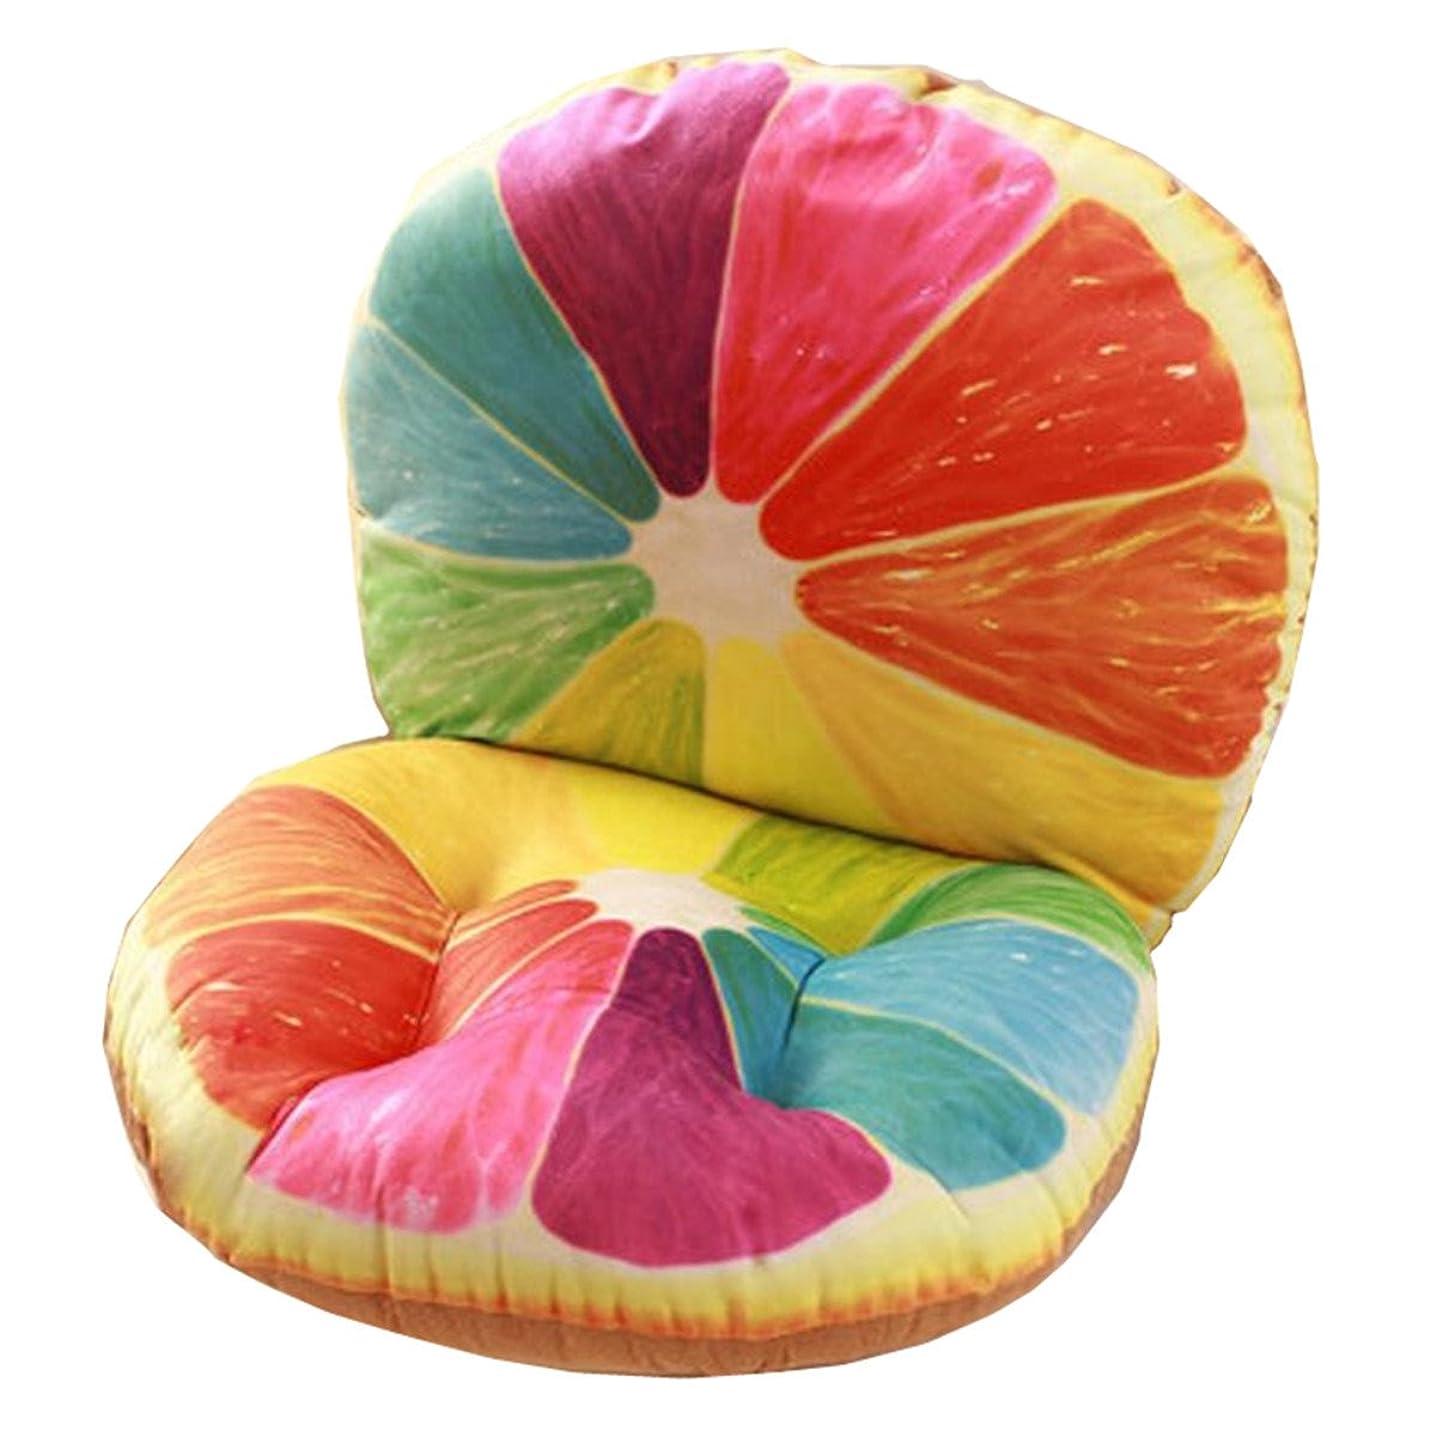 アライアンス素晴らしいですシリングIXIMO 座布団クッション オリジナル 3D 果物型 お菓子型 背もたれ付き 低反発 ぬくもり あったか座椅子 可愛い 椅子用クッション カバー取り外し可能 北欧スタイル シートクッション コットンクッション おしゃれ 体圧分散効果/優しい座り心地